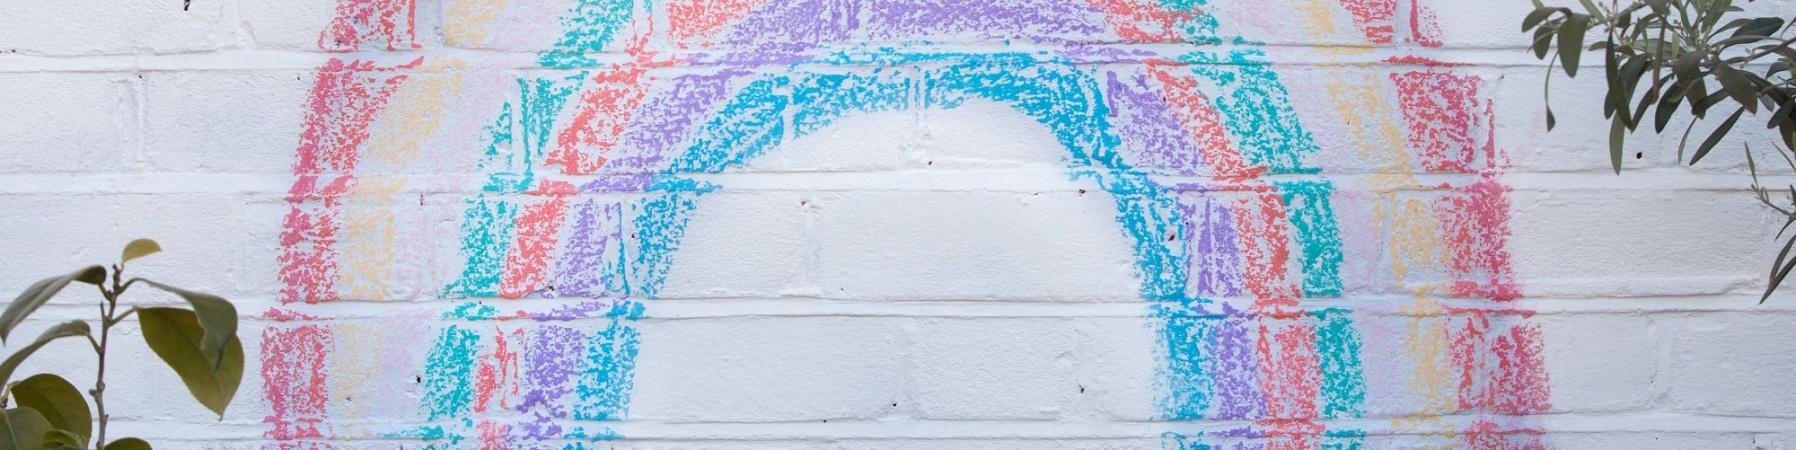 arcobaleno fatto con gessetti colorati su muro bianco